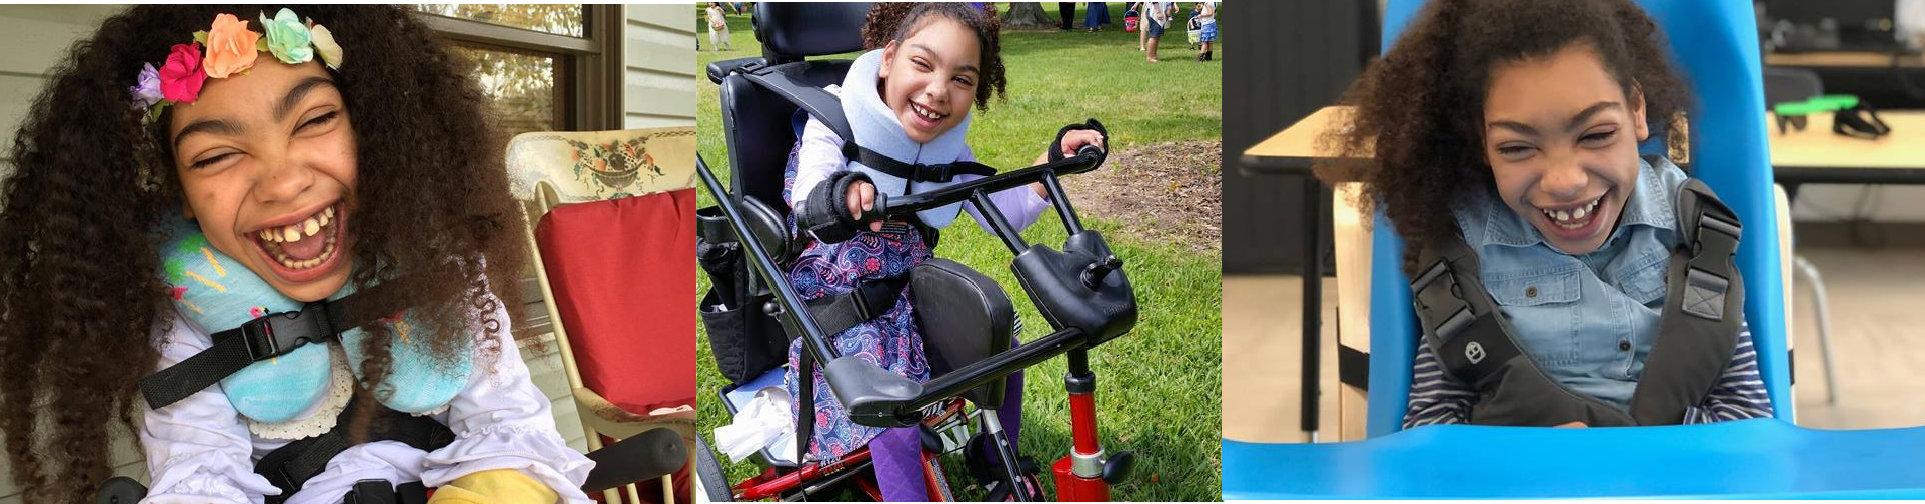 girl with disability random photos